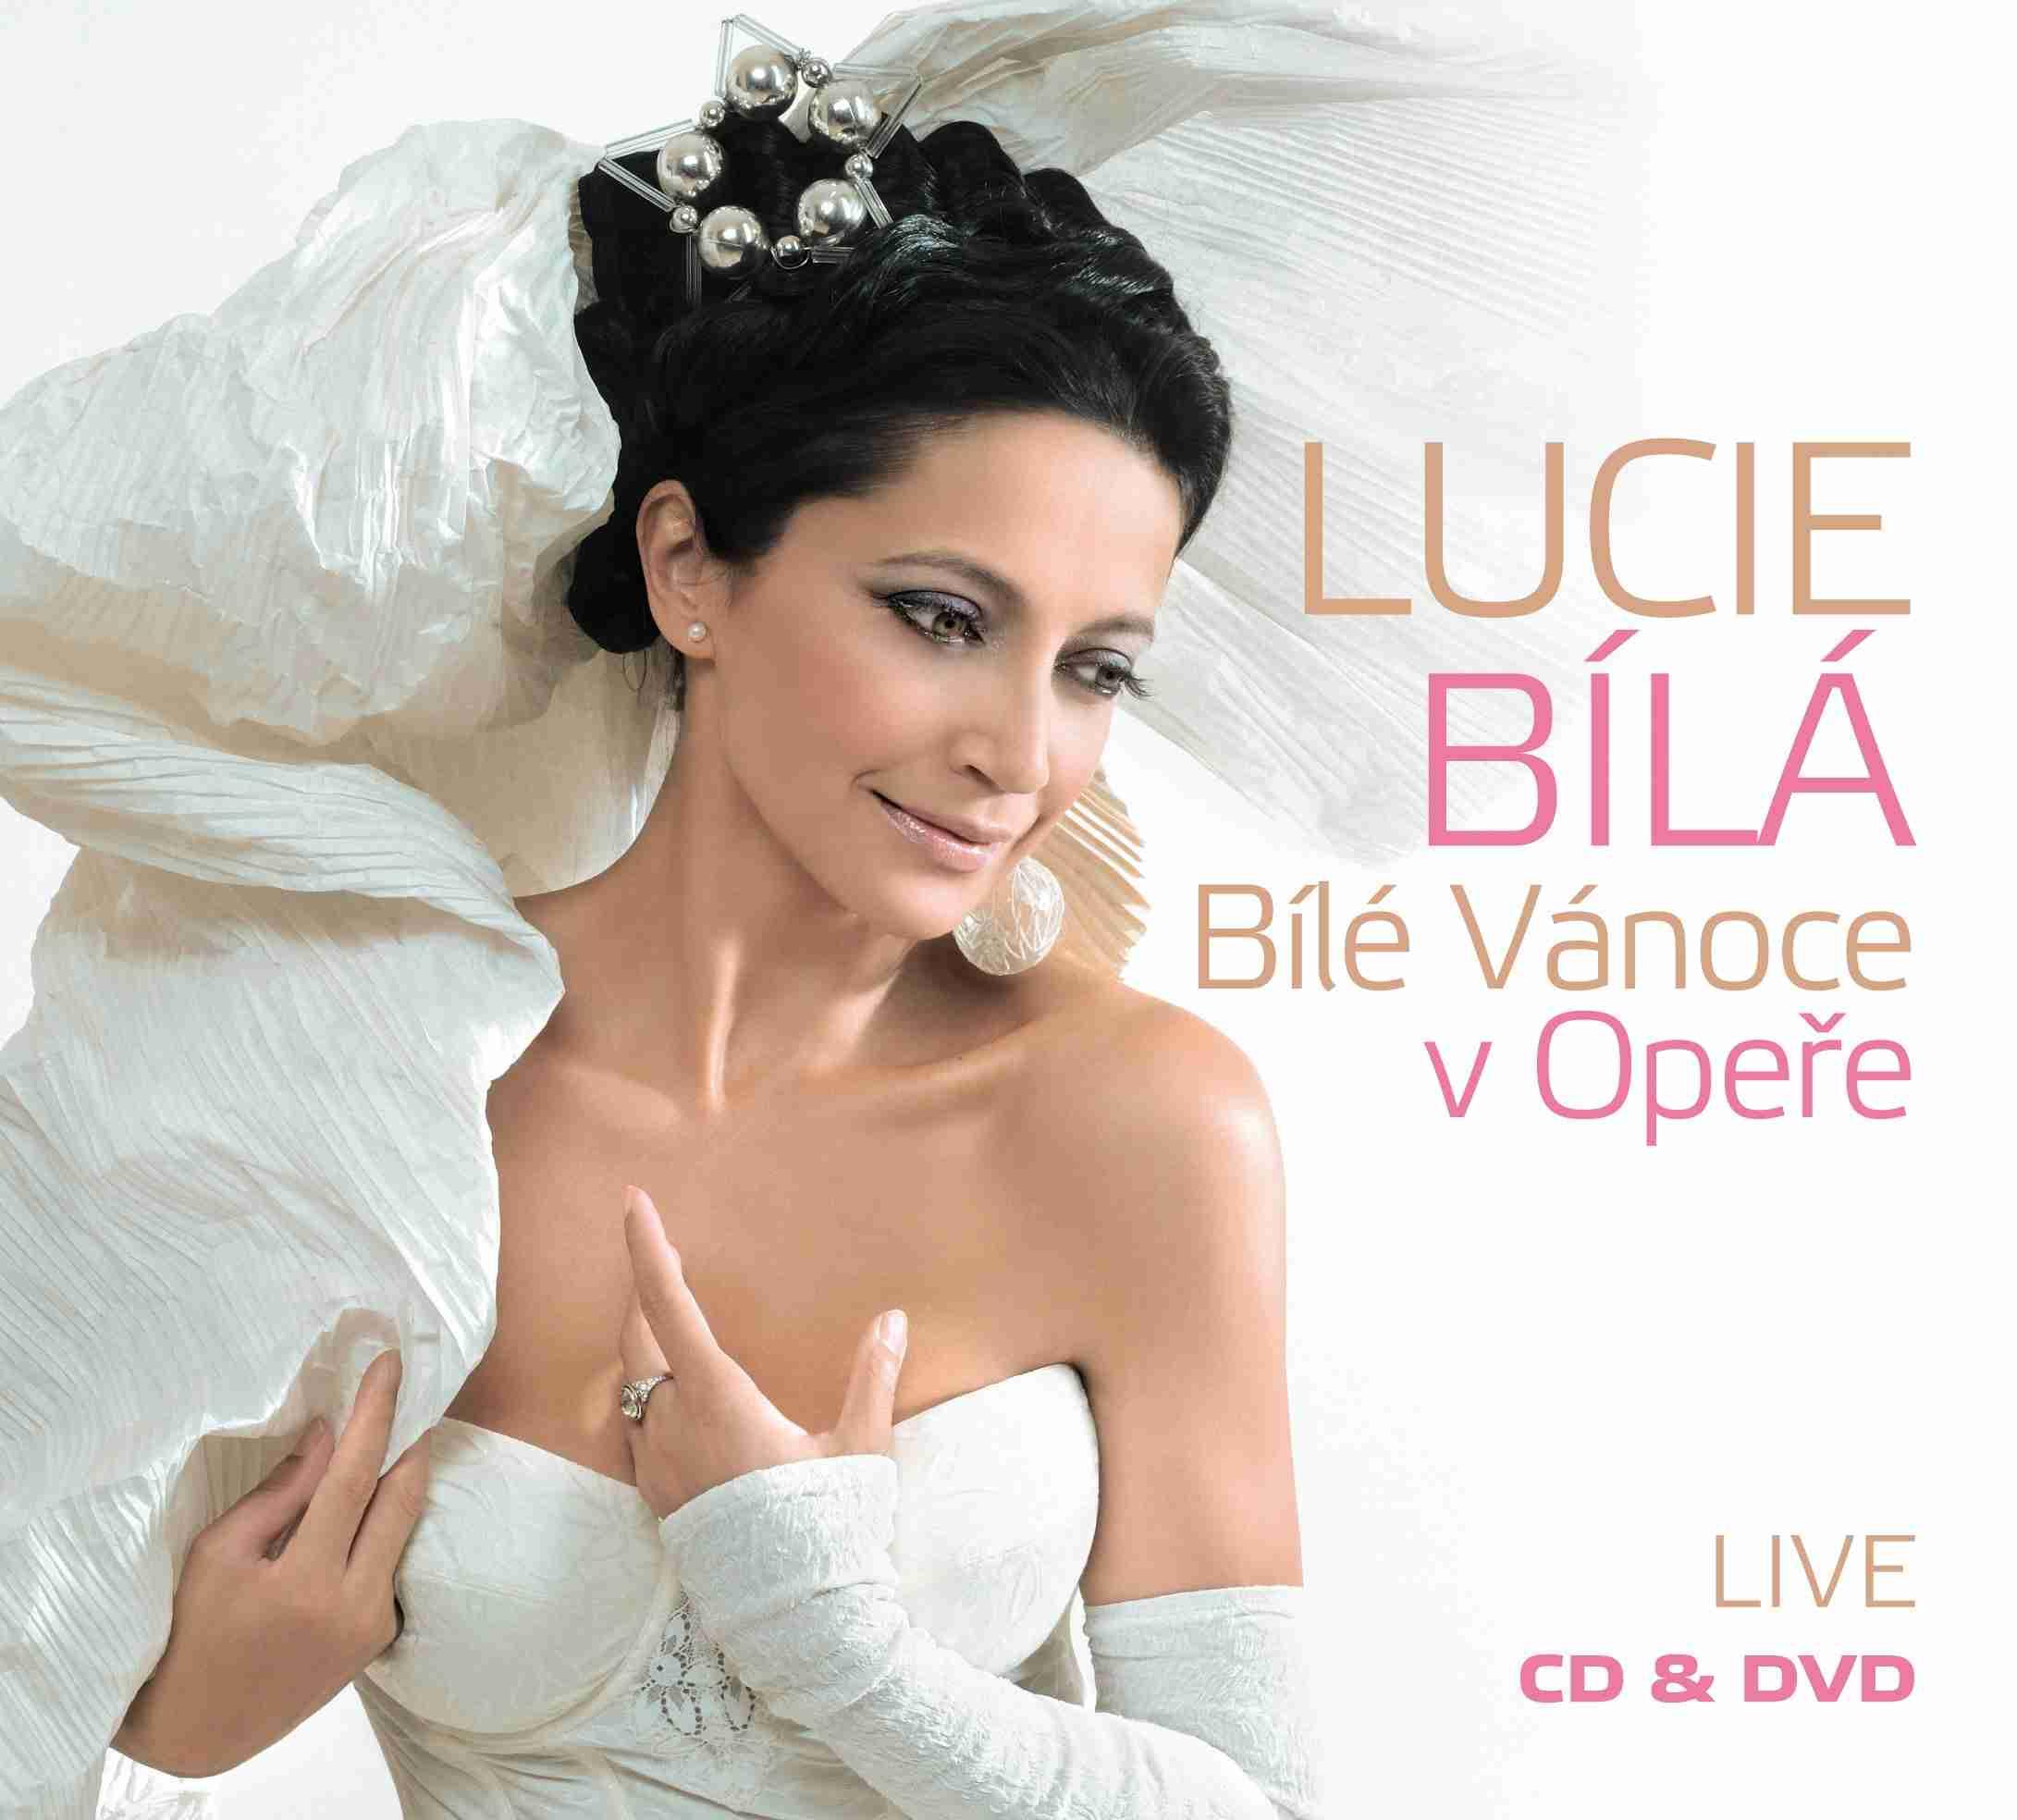 Lucie Bílá - Bílé Vánoce v Opeře